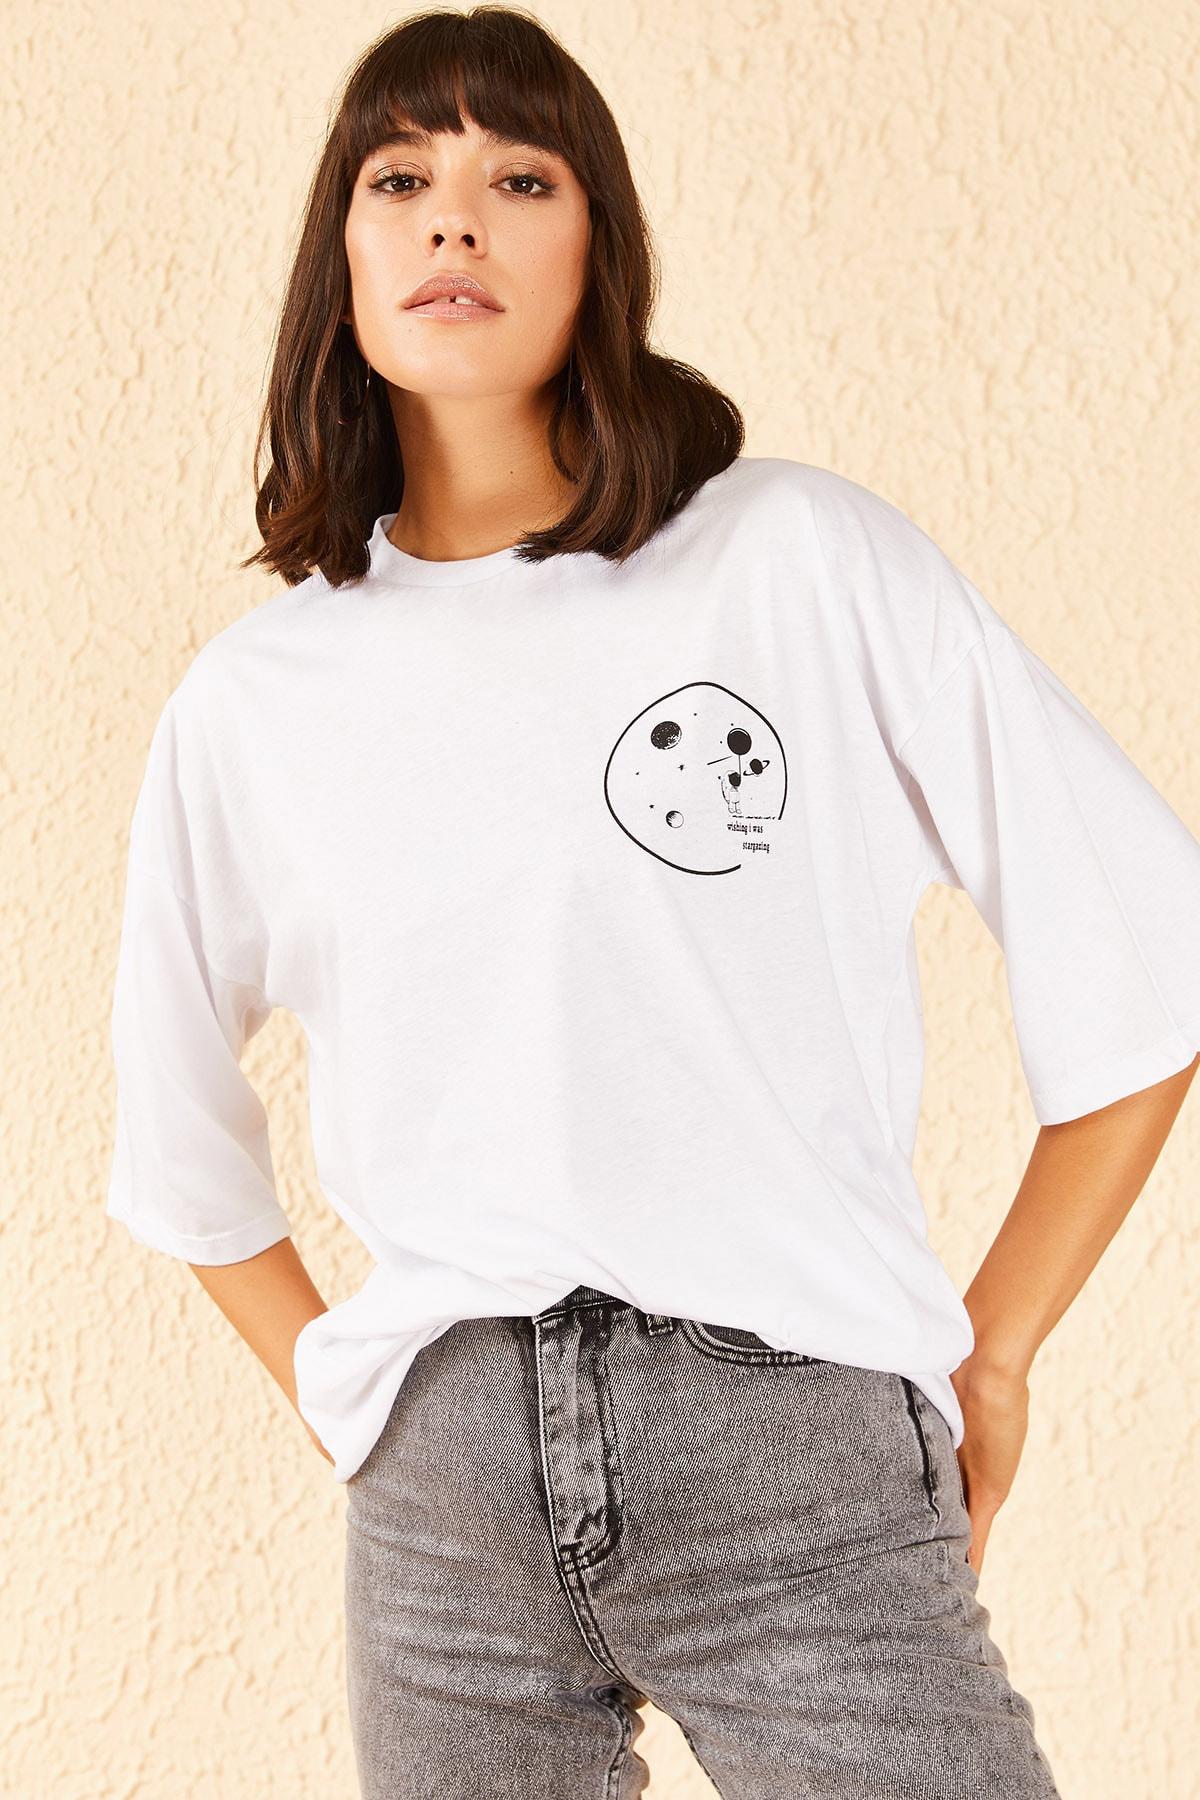 Kadın Astronot Baskılı Düşük Kol Oversize Tshirt